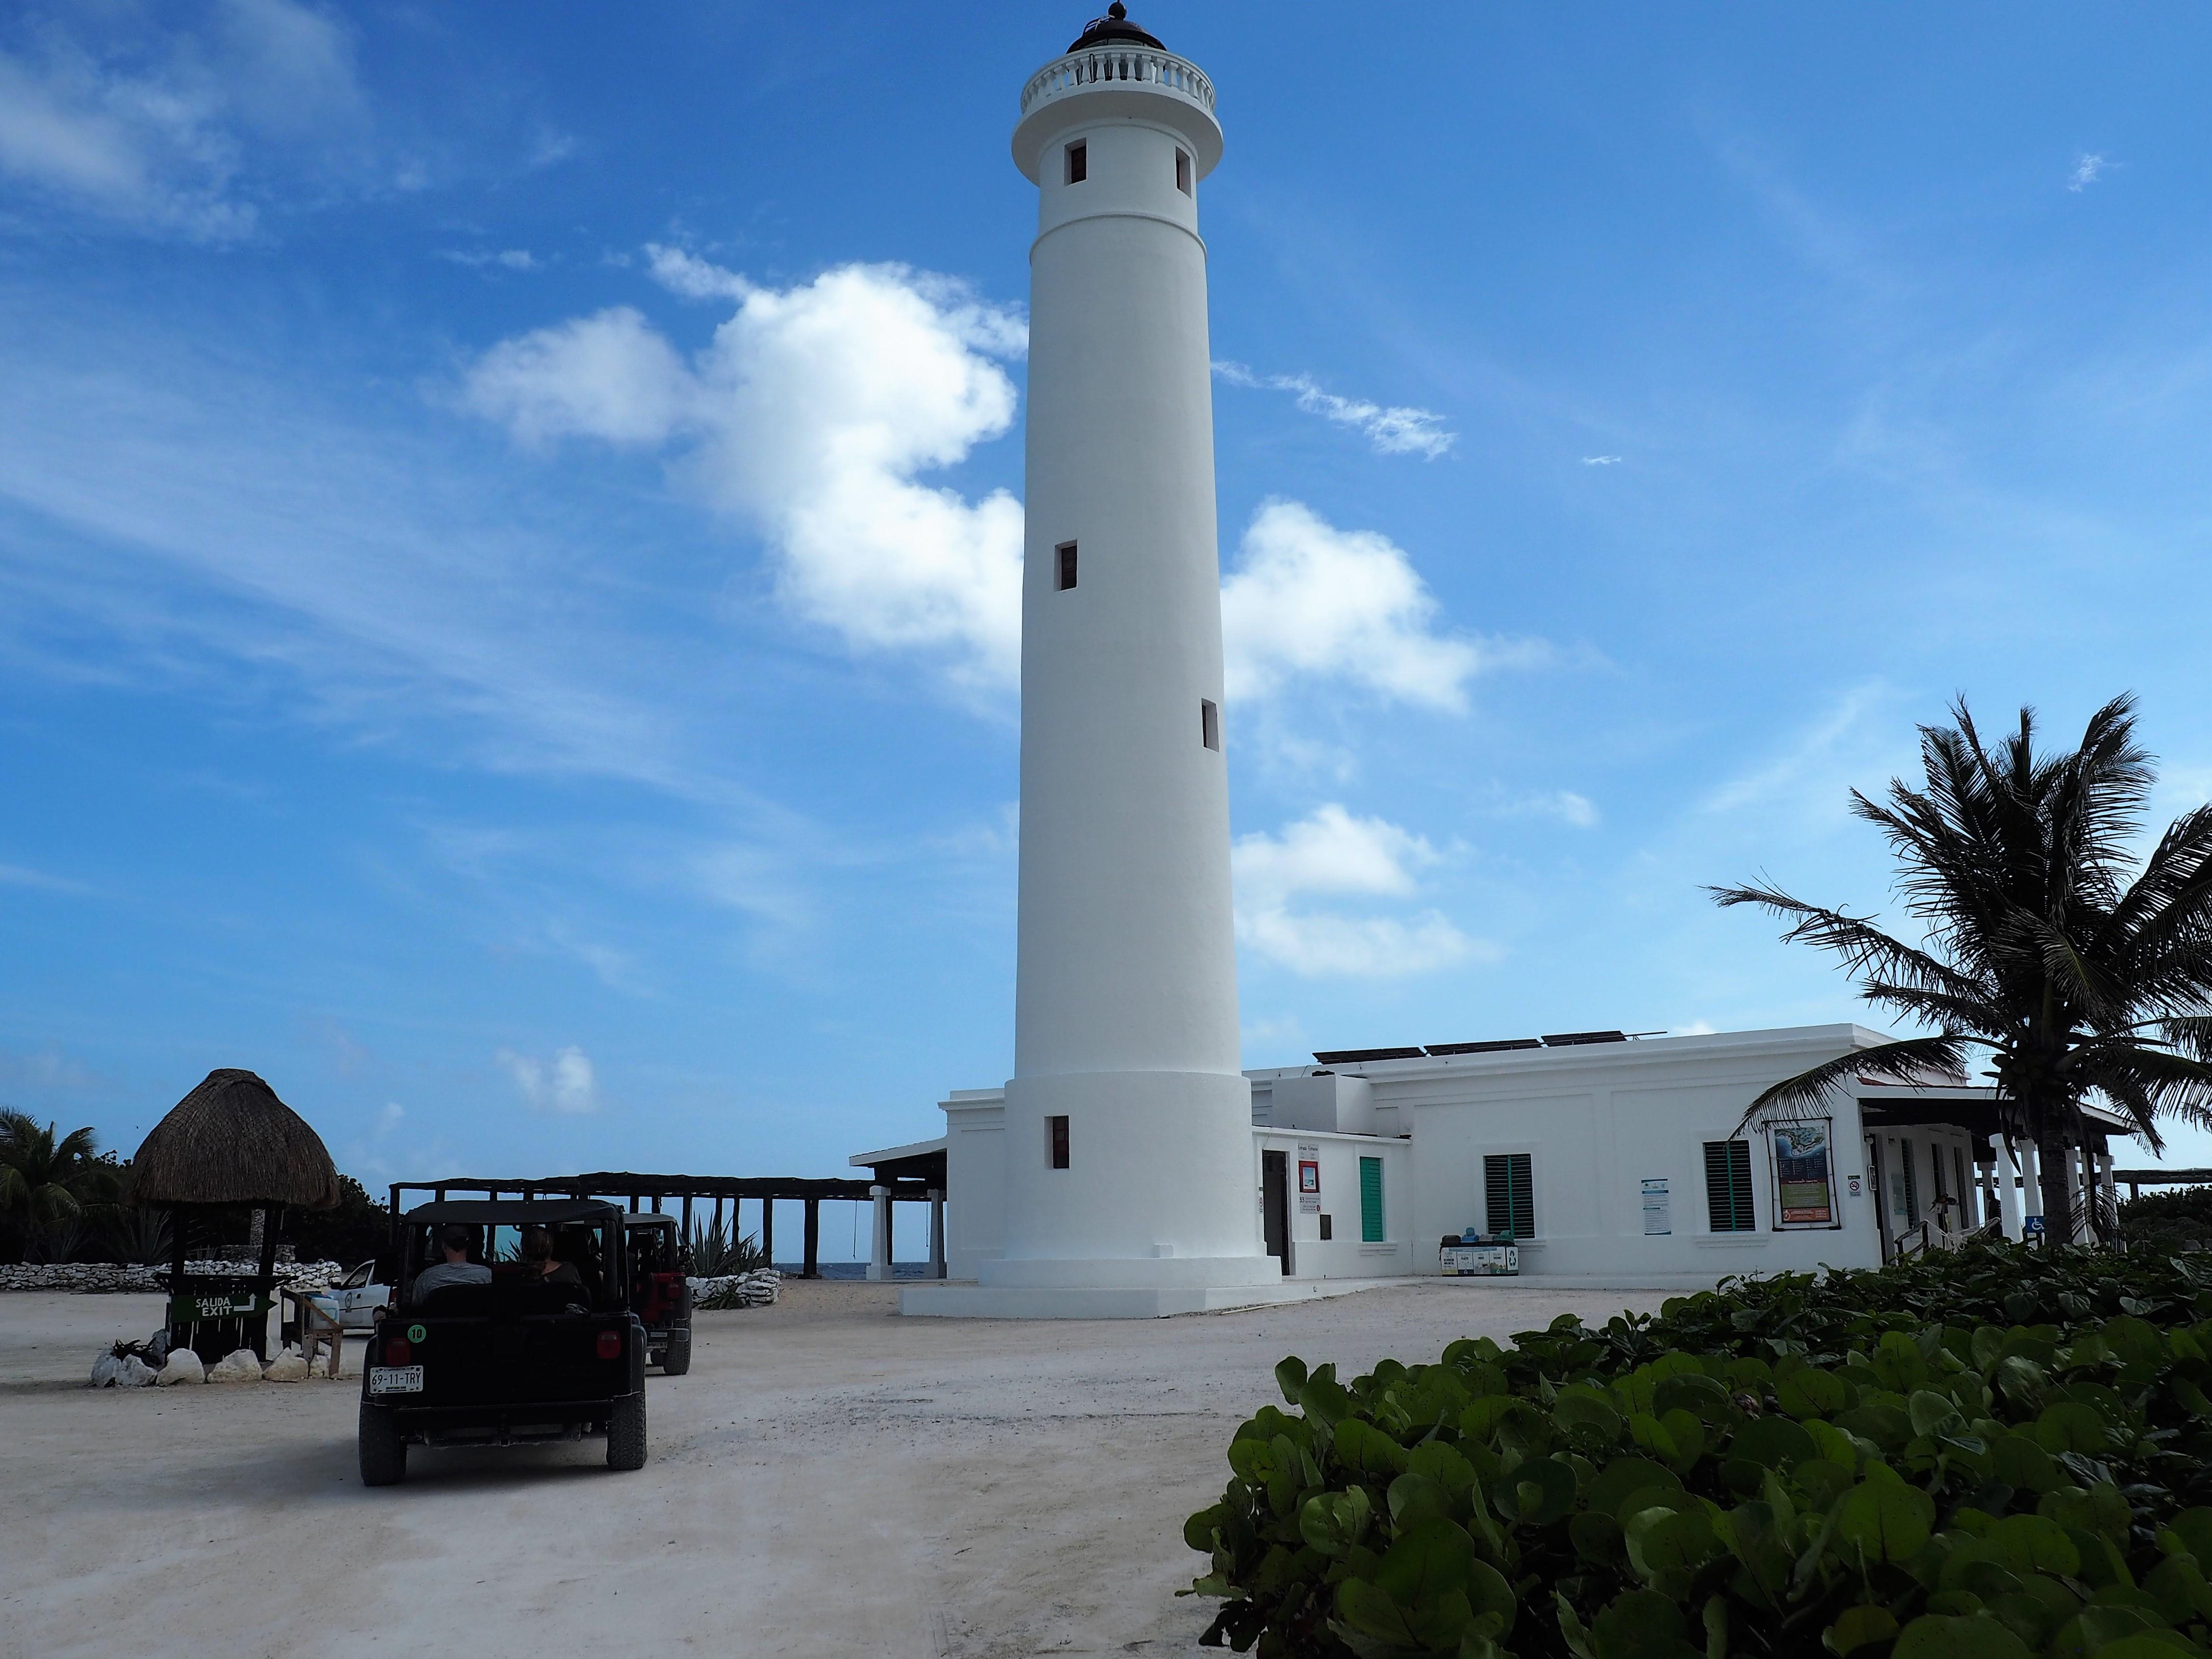 Leuchtturm im Nationalpark Punta Sur auf Cozumel